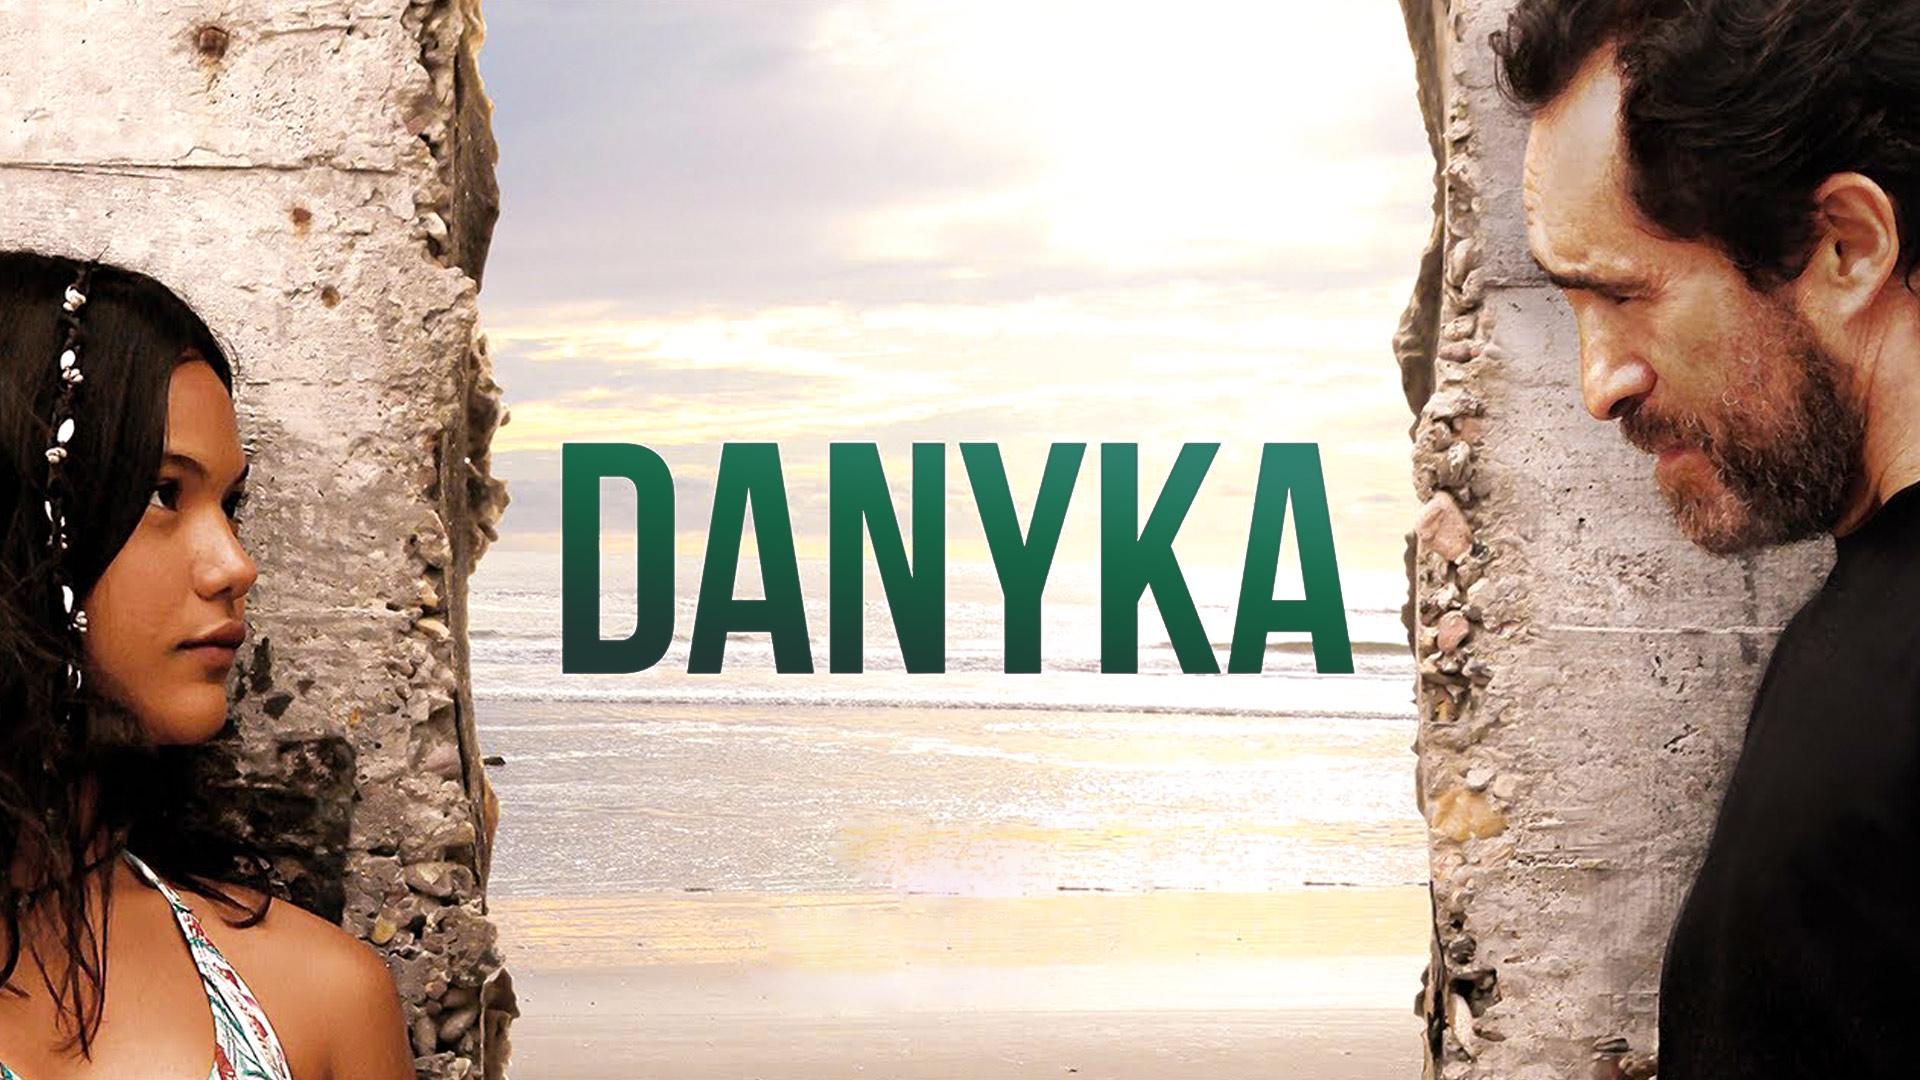 Danyka